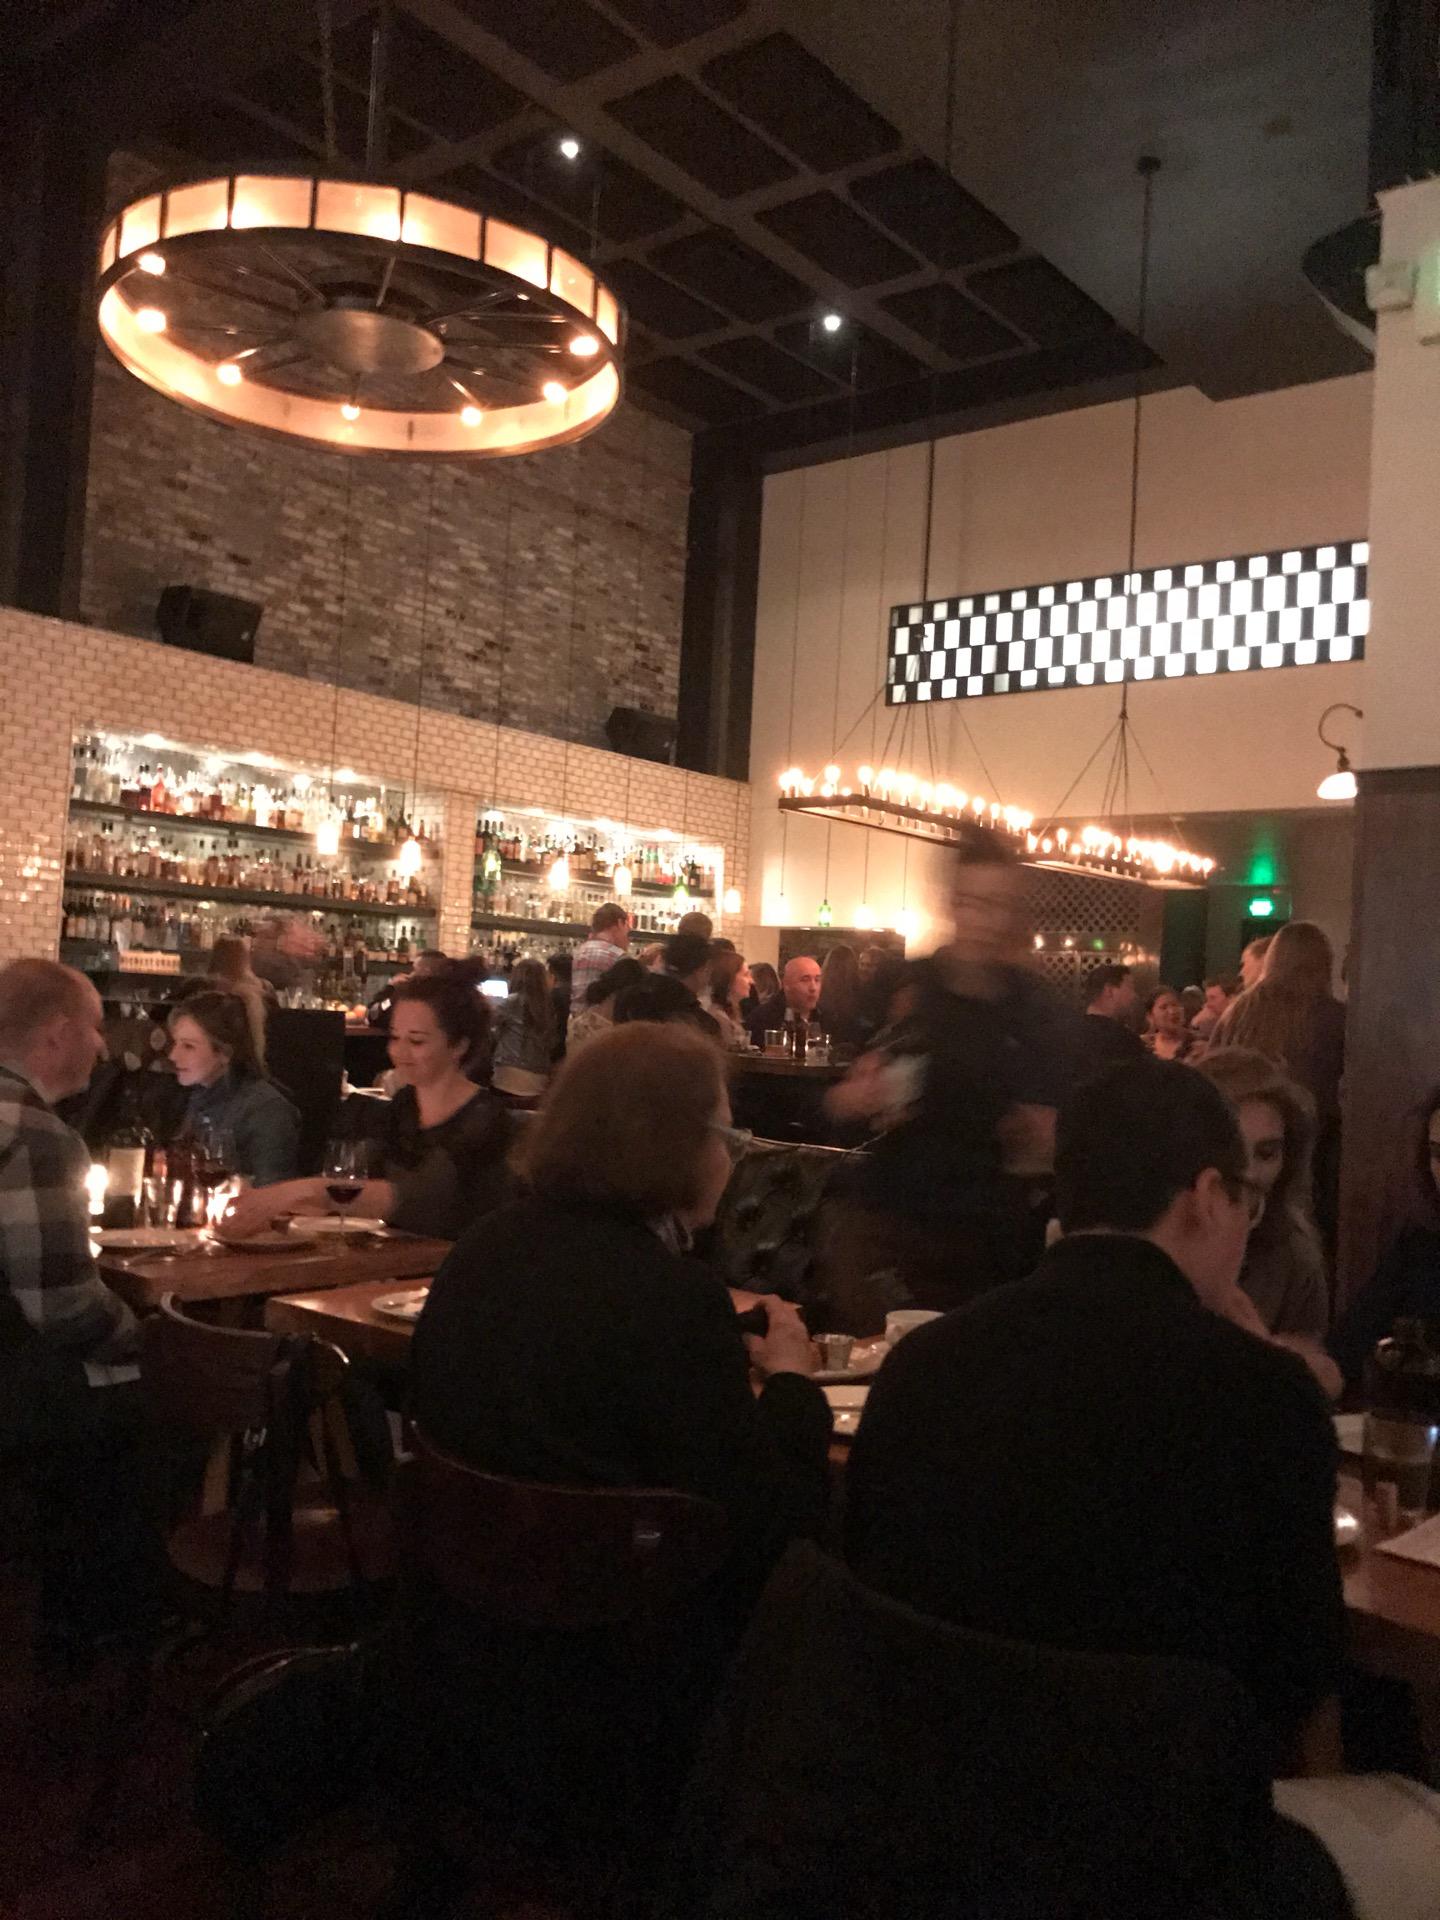 Lolinda Reviews: Food & Drinks in California San Francisco